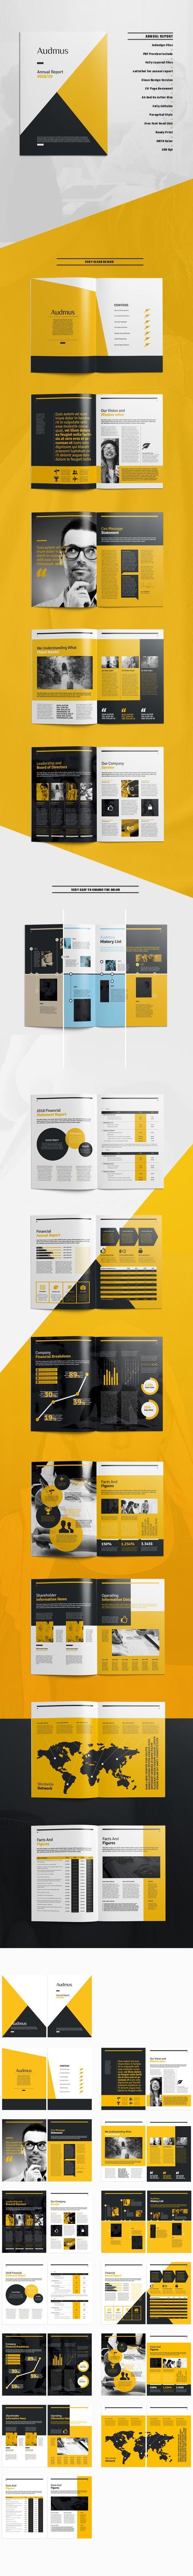 Yellow Layout